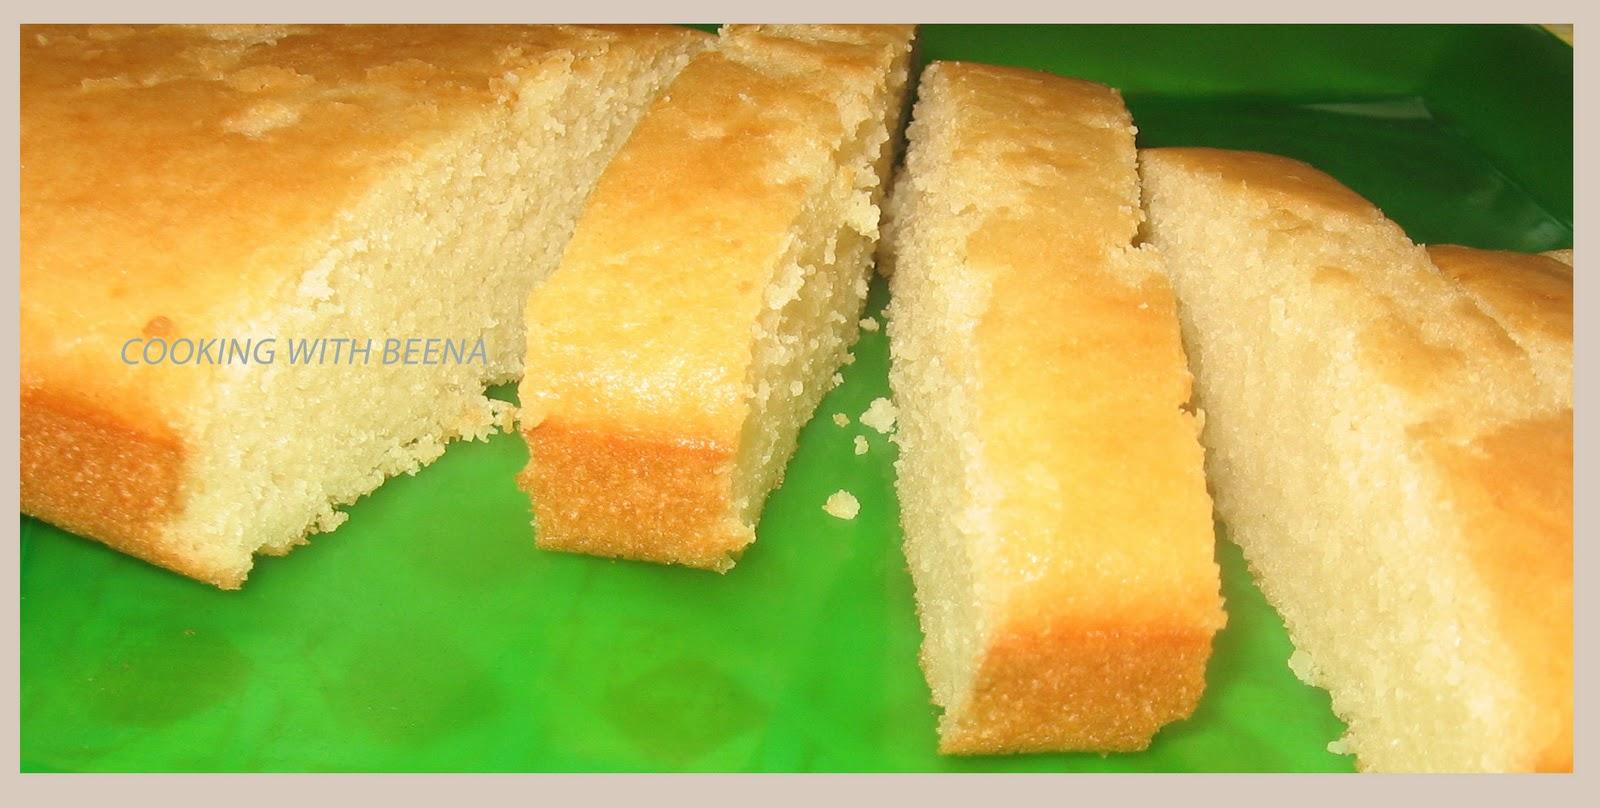 Sponge Cake Recipe Using Vegetable Oil